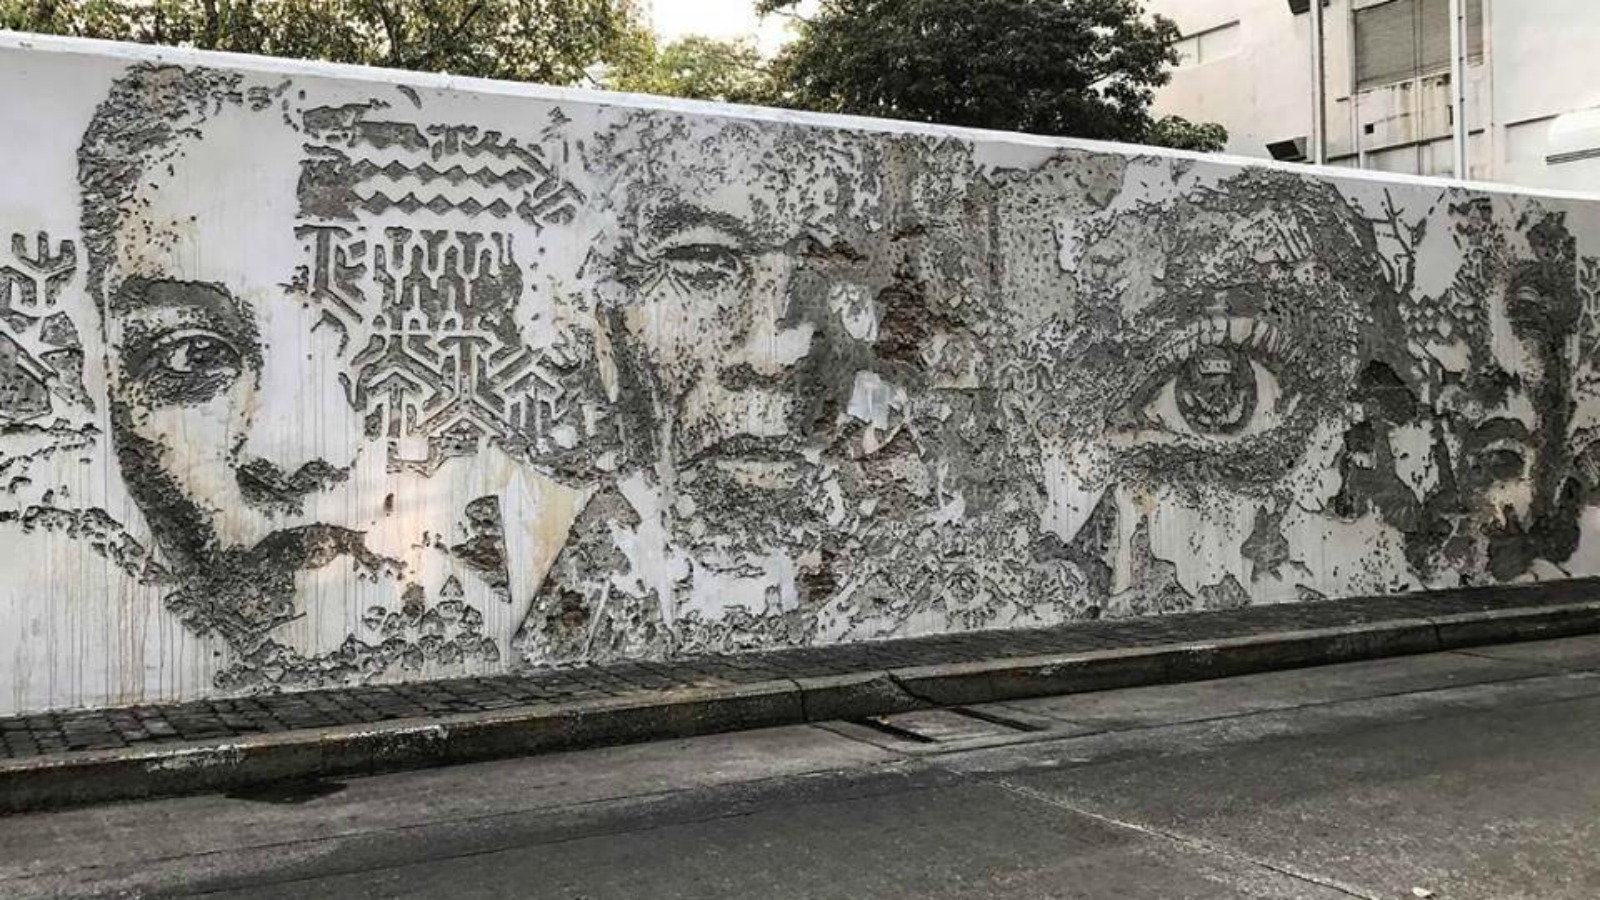 El nuevo mural de Vhils: un homenaje a la ciudad de Bangkok